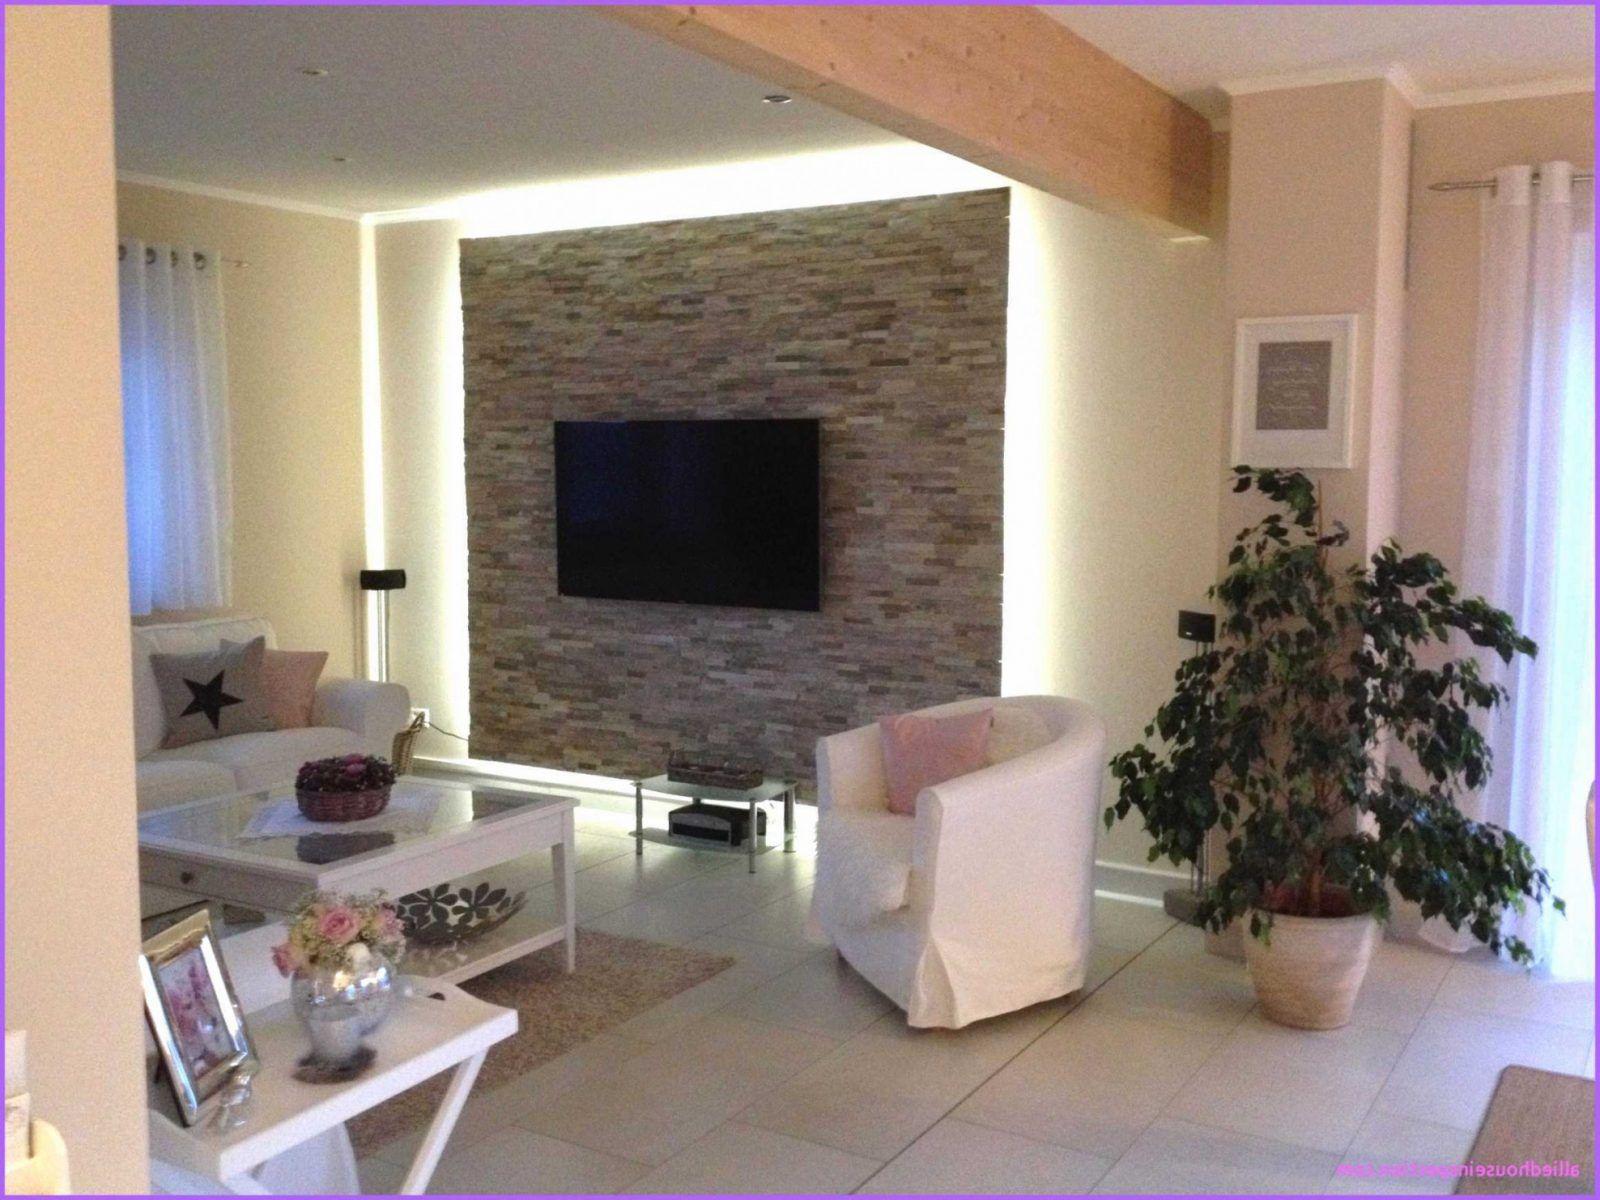 4 Luxus Von Deko Wand Wohnzimmer Konzept Wohnzimmer Ideen von